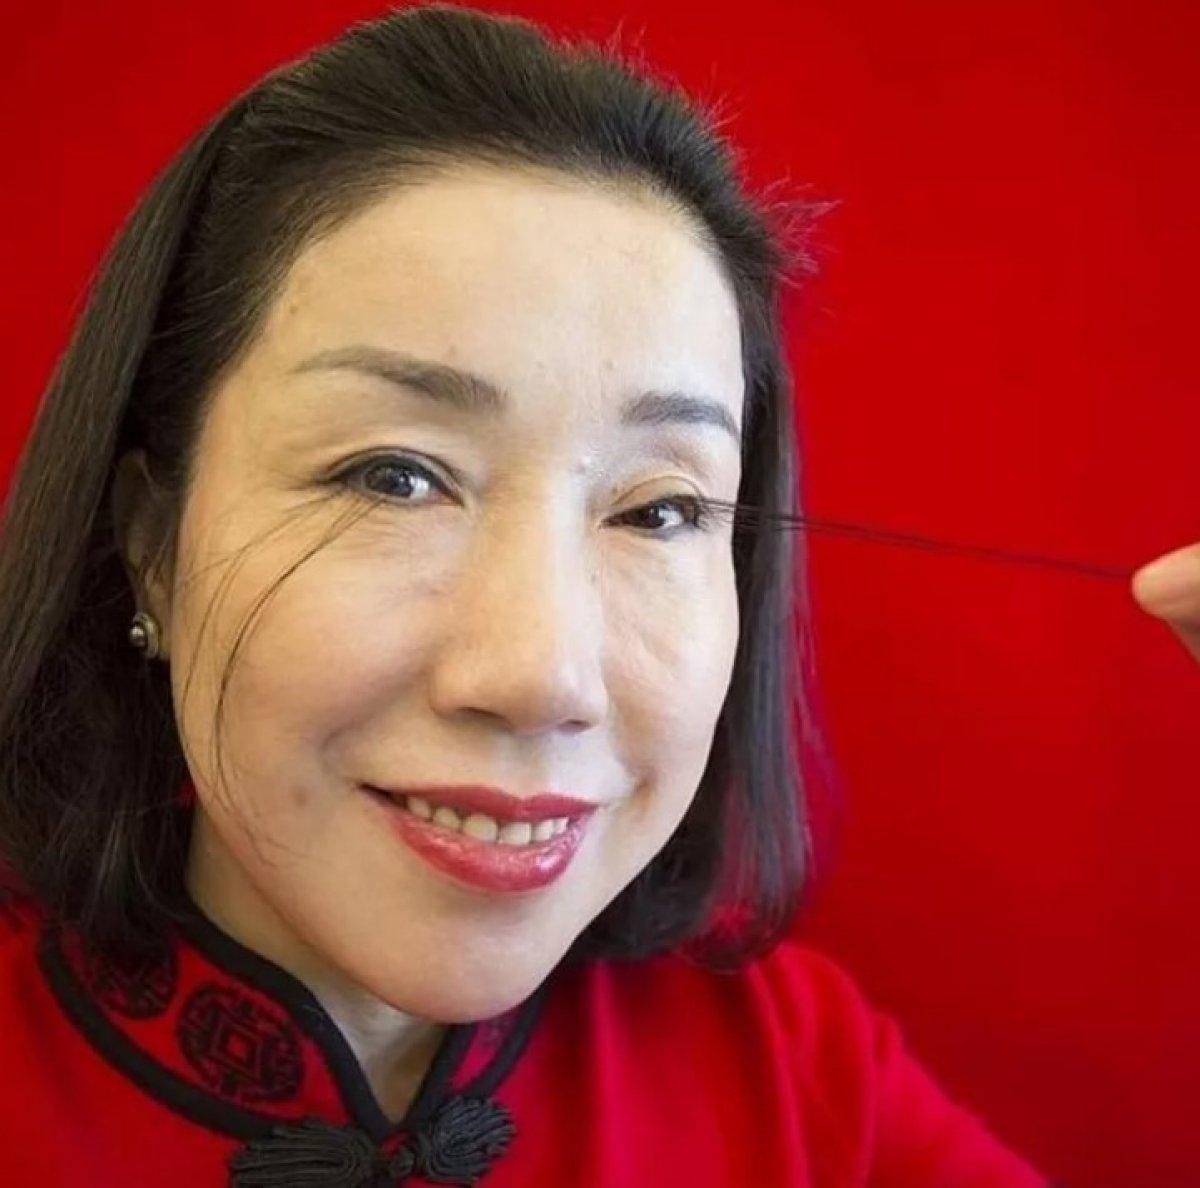 Çinli kadın kirpikleriyle ikinci kez dünya rekoru kırdı #4